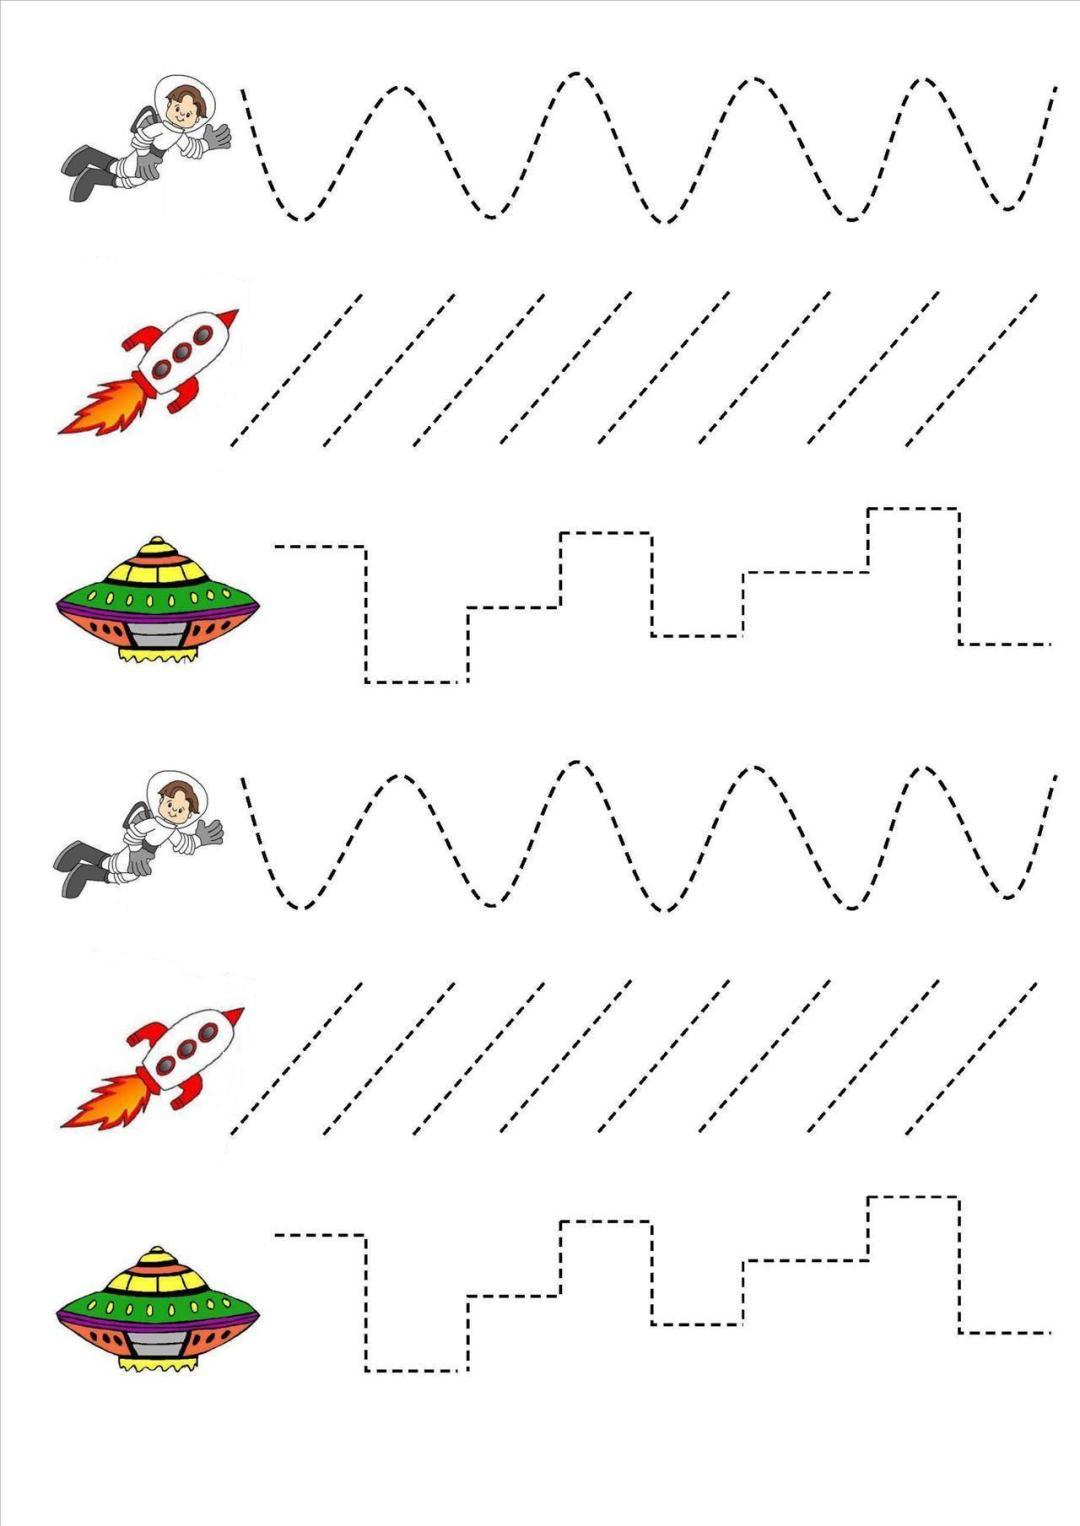 Dzień Kosmosu - karty pracy Dzień Kosmosu Dzień Lotnictwa i Kosmonautyki Małgorzata Wojkowska Prace plastyczne Prace plastyczne (Dzień Astronomii)